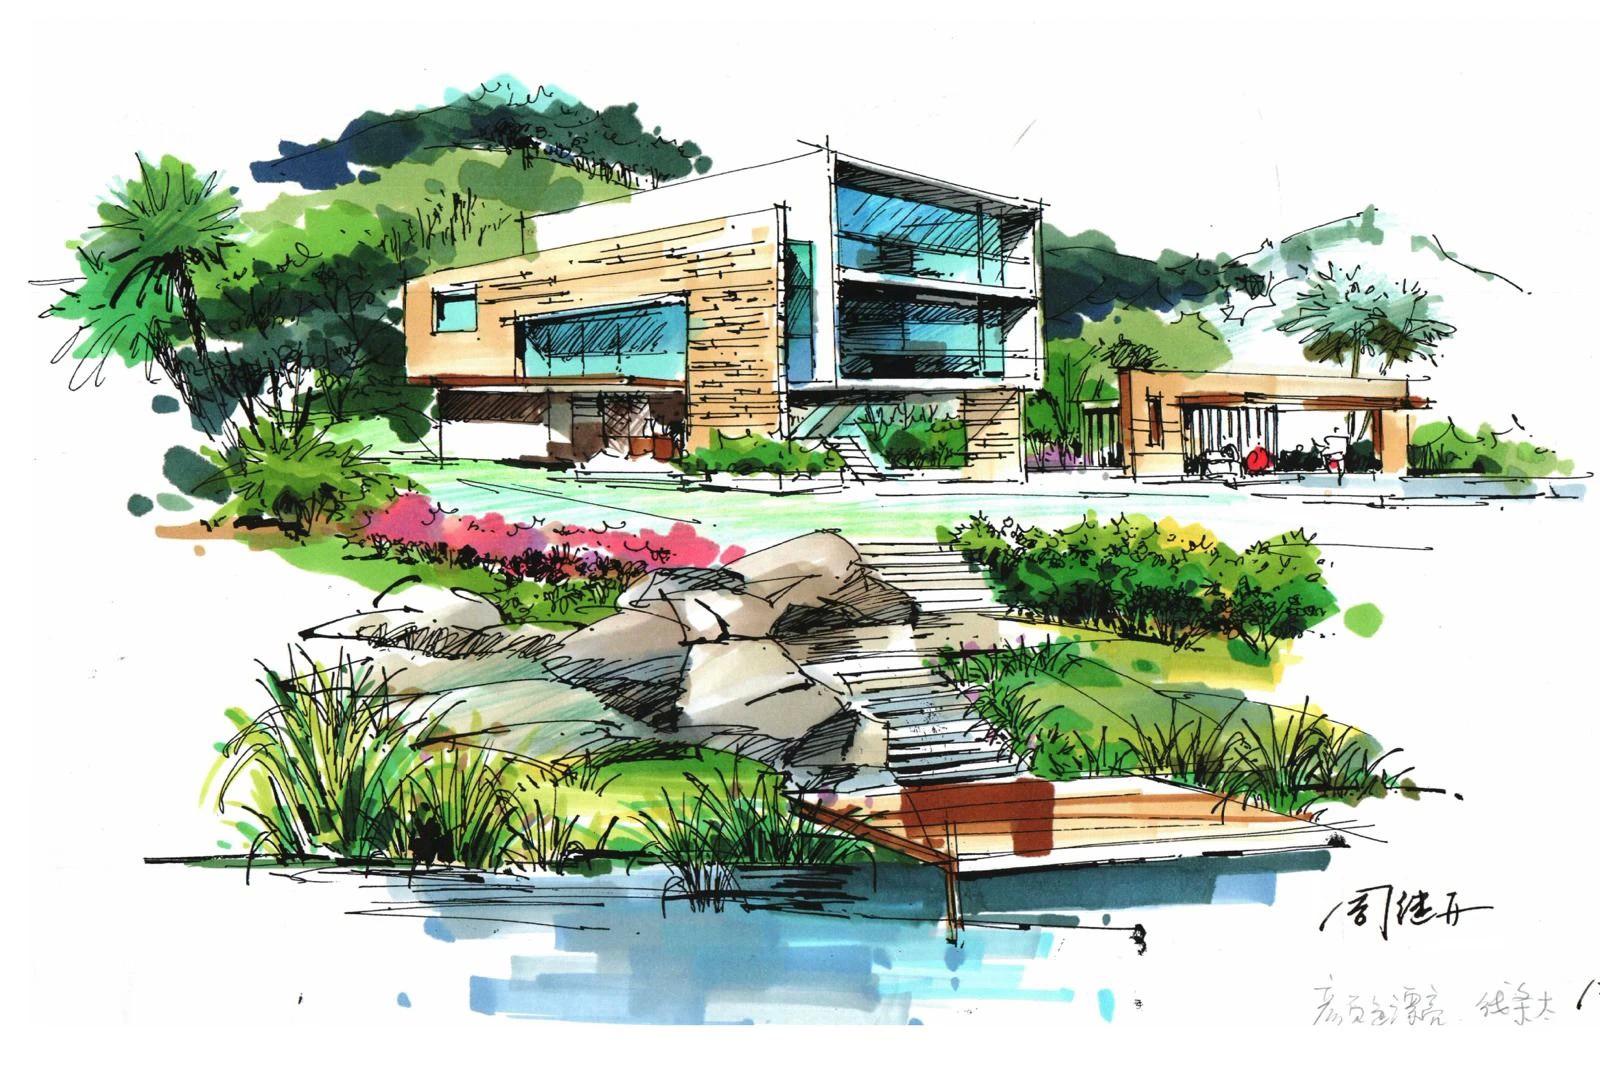 建筑手绘,风景园林,城市规划